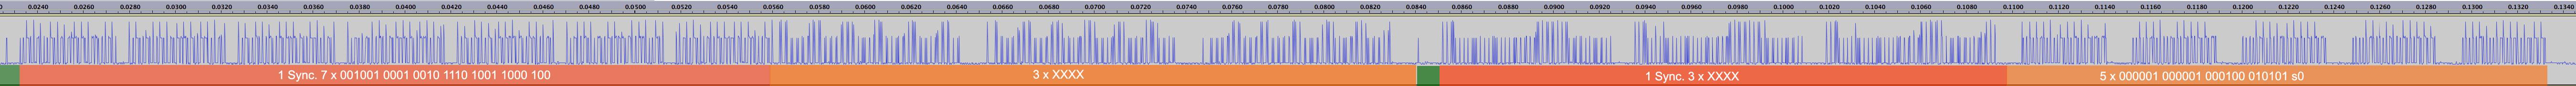 433 Hz Rolladen Sender Decodieren Gpio Elektrotechnik Wiringpi Api Imghttp Fs5directuploadnet Images 151214 Xlljfmxk